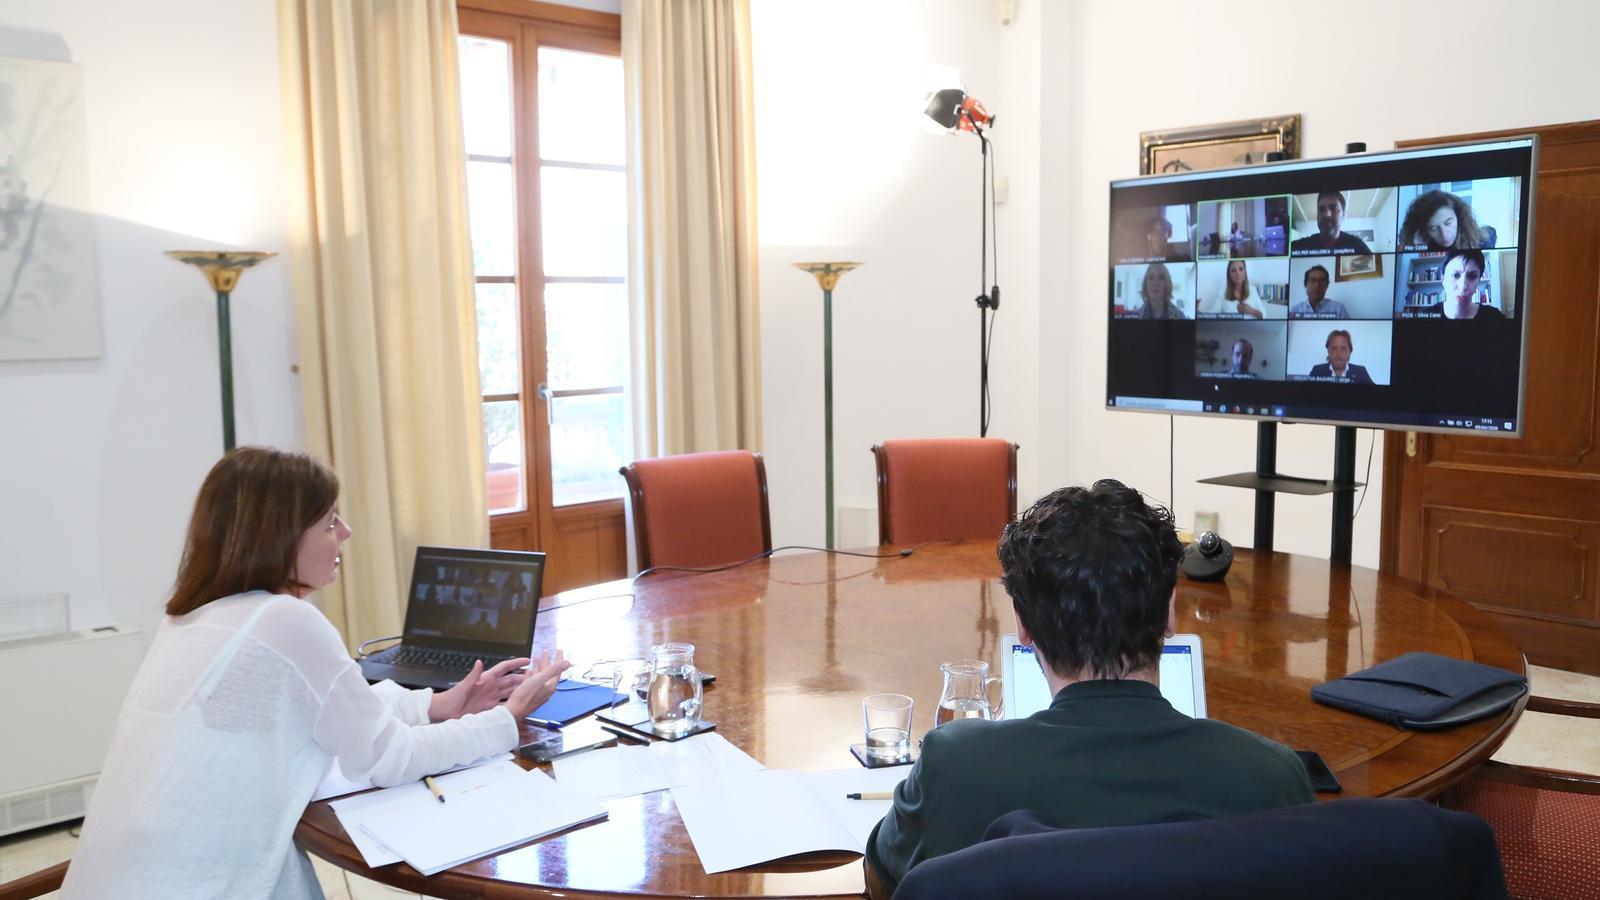 Imatge de la reunió d'aquest dijous entre la presidenta del Govern i els partits parlamentaris